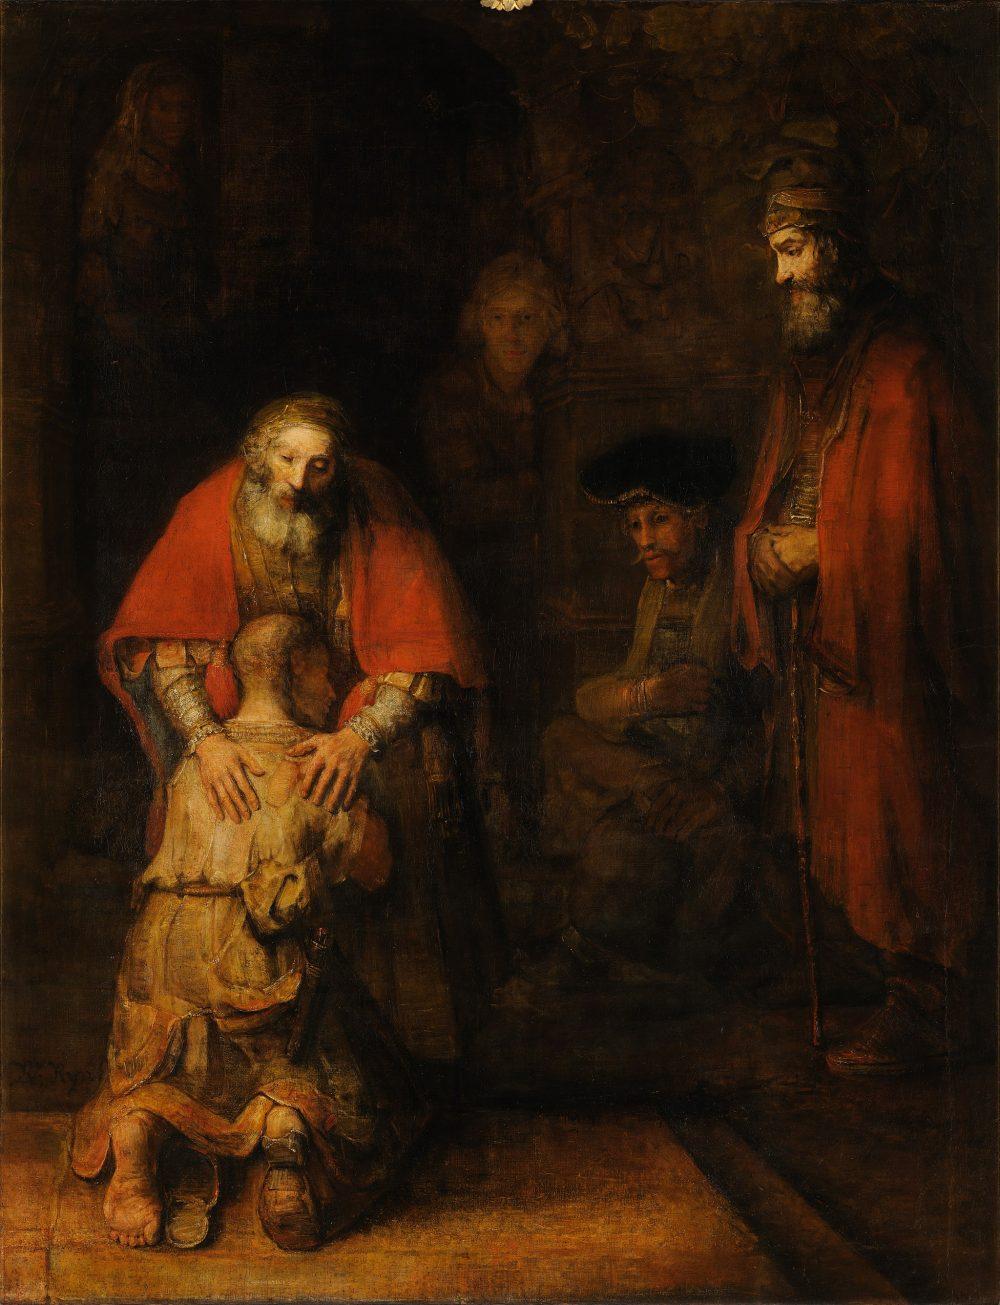 Den förlorade sonens återkomst av Rembrandt Harmenszoon van Rijn